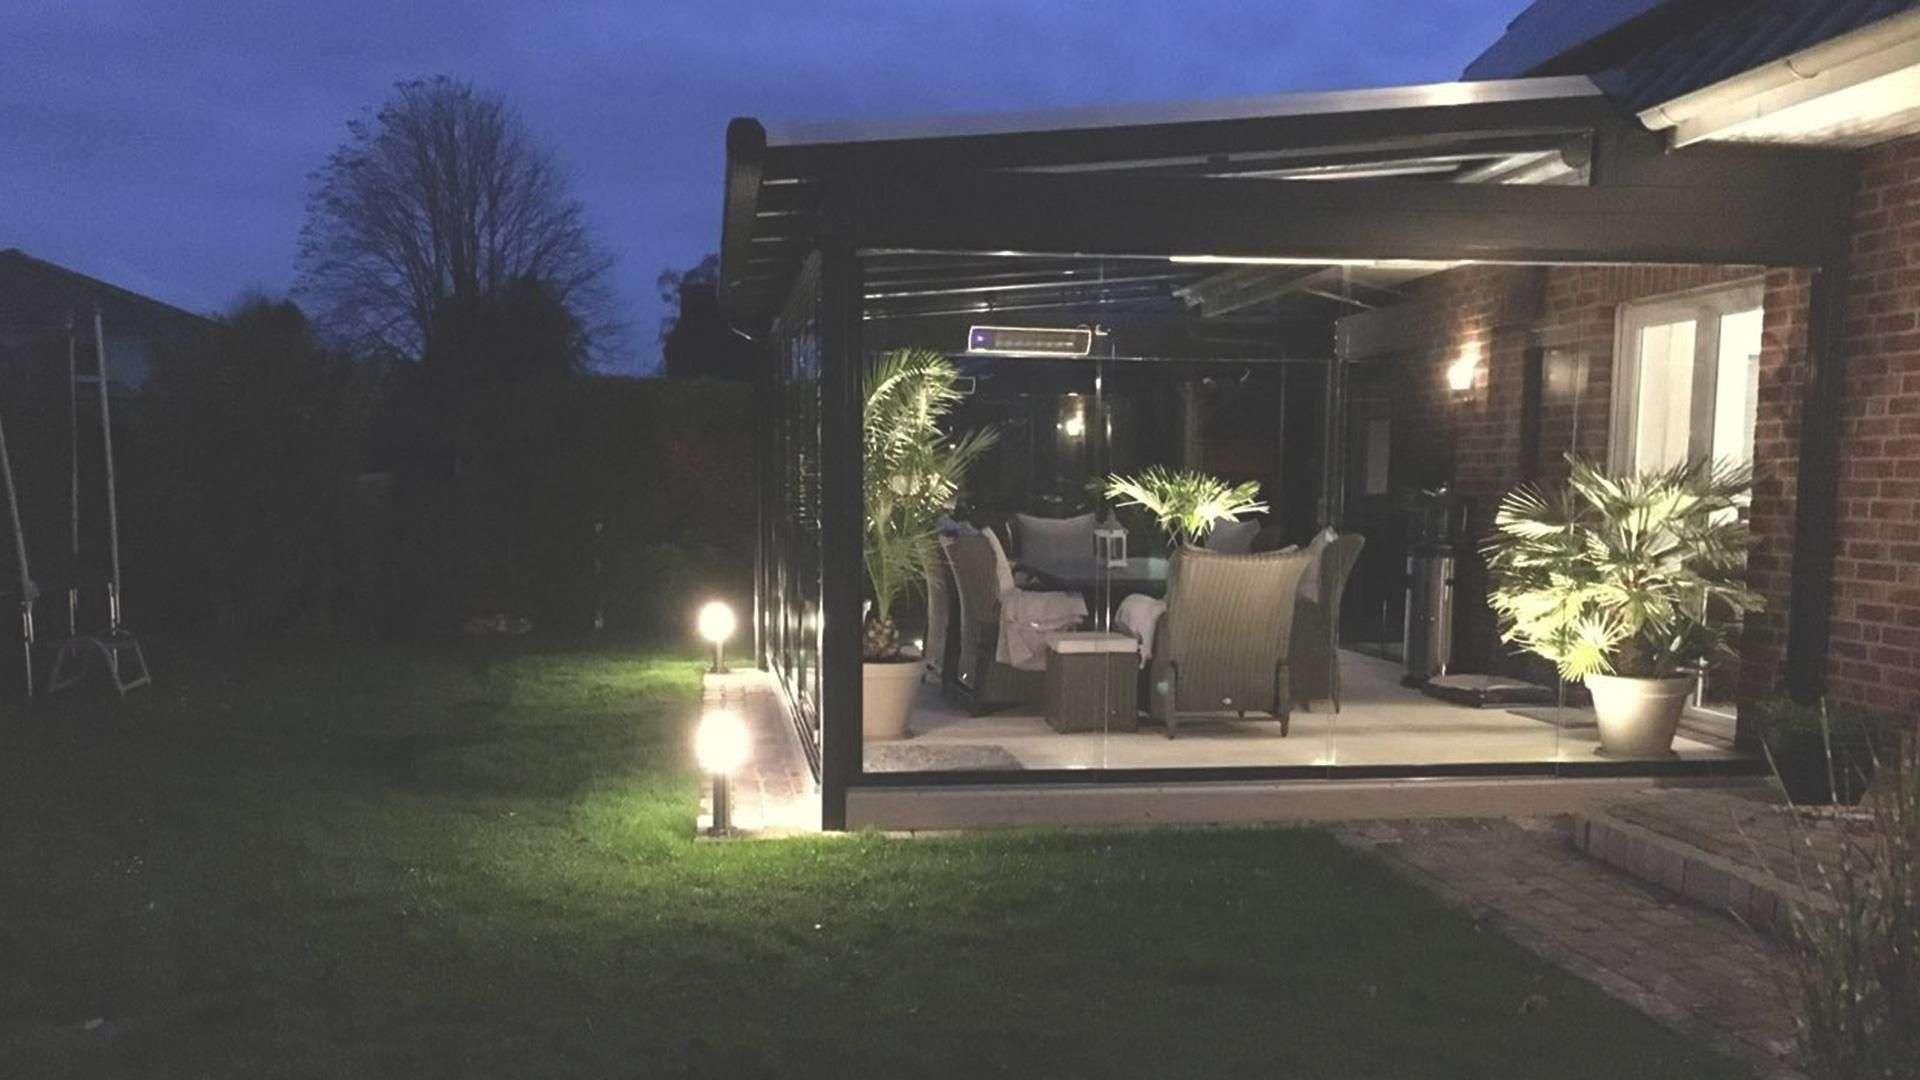 beleuchteter Wintergarten an einem Wohnhaus bei Nacht